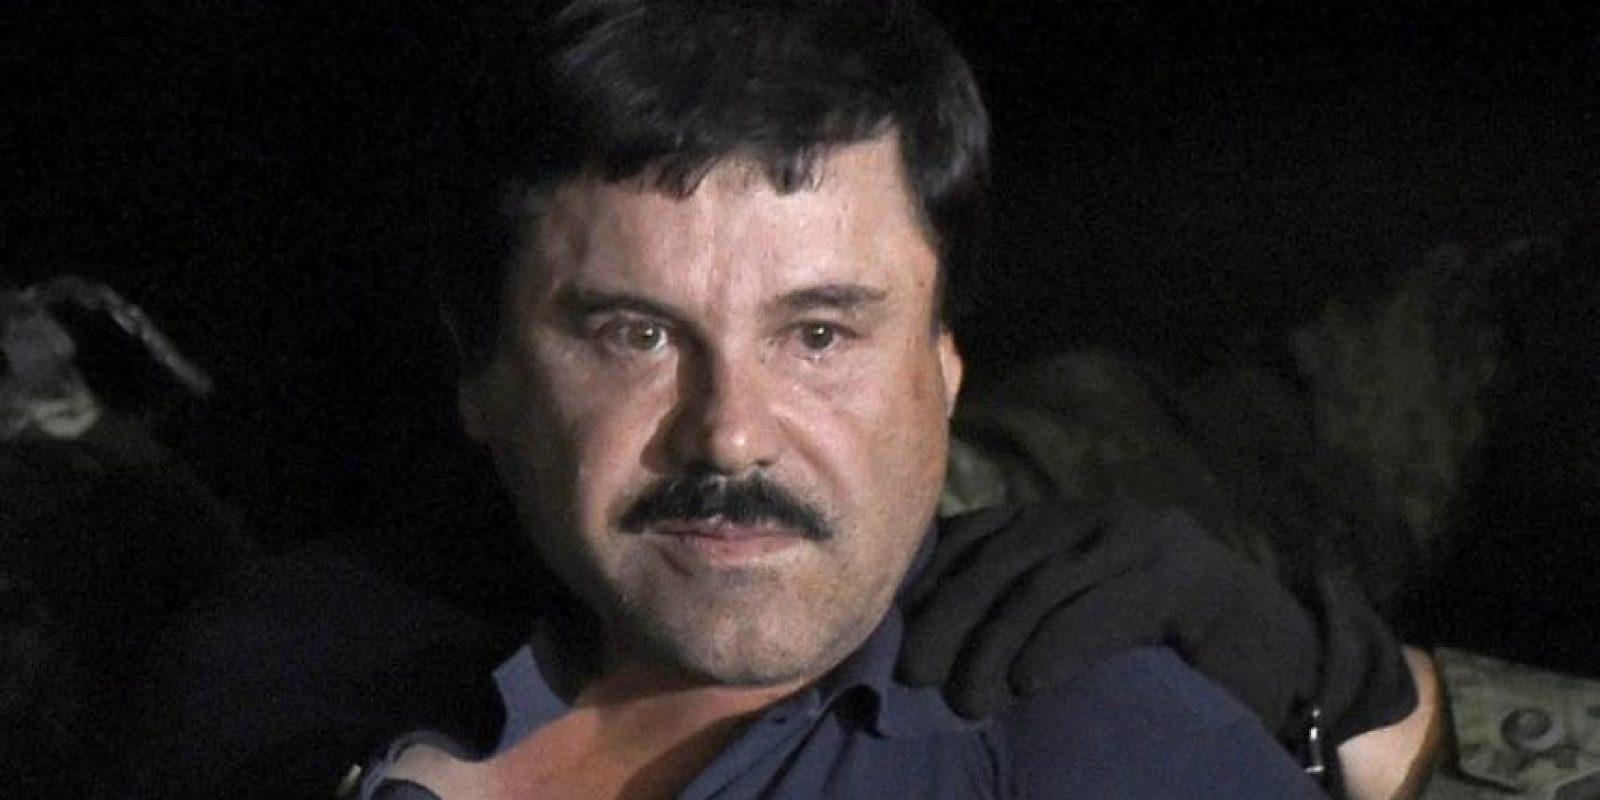 """Las 8 medidas de seguridad extrema para que """"El Chapo"""" Guzmán no escape de prisión Foto:AFP"""